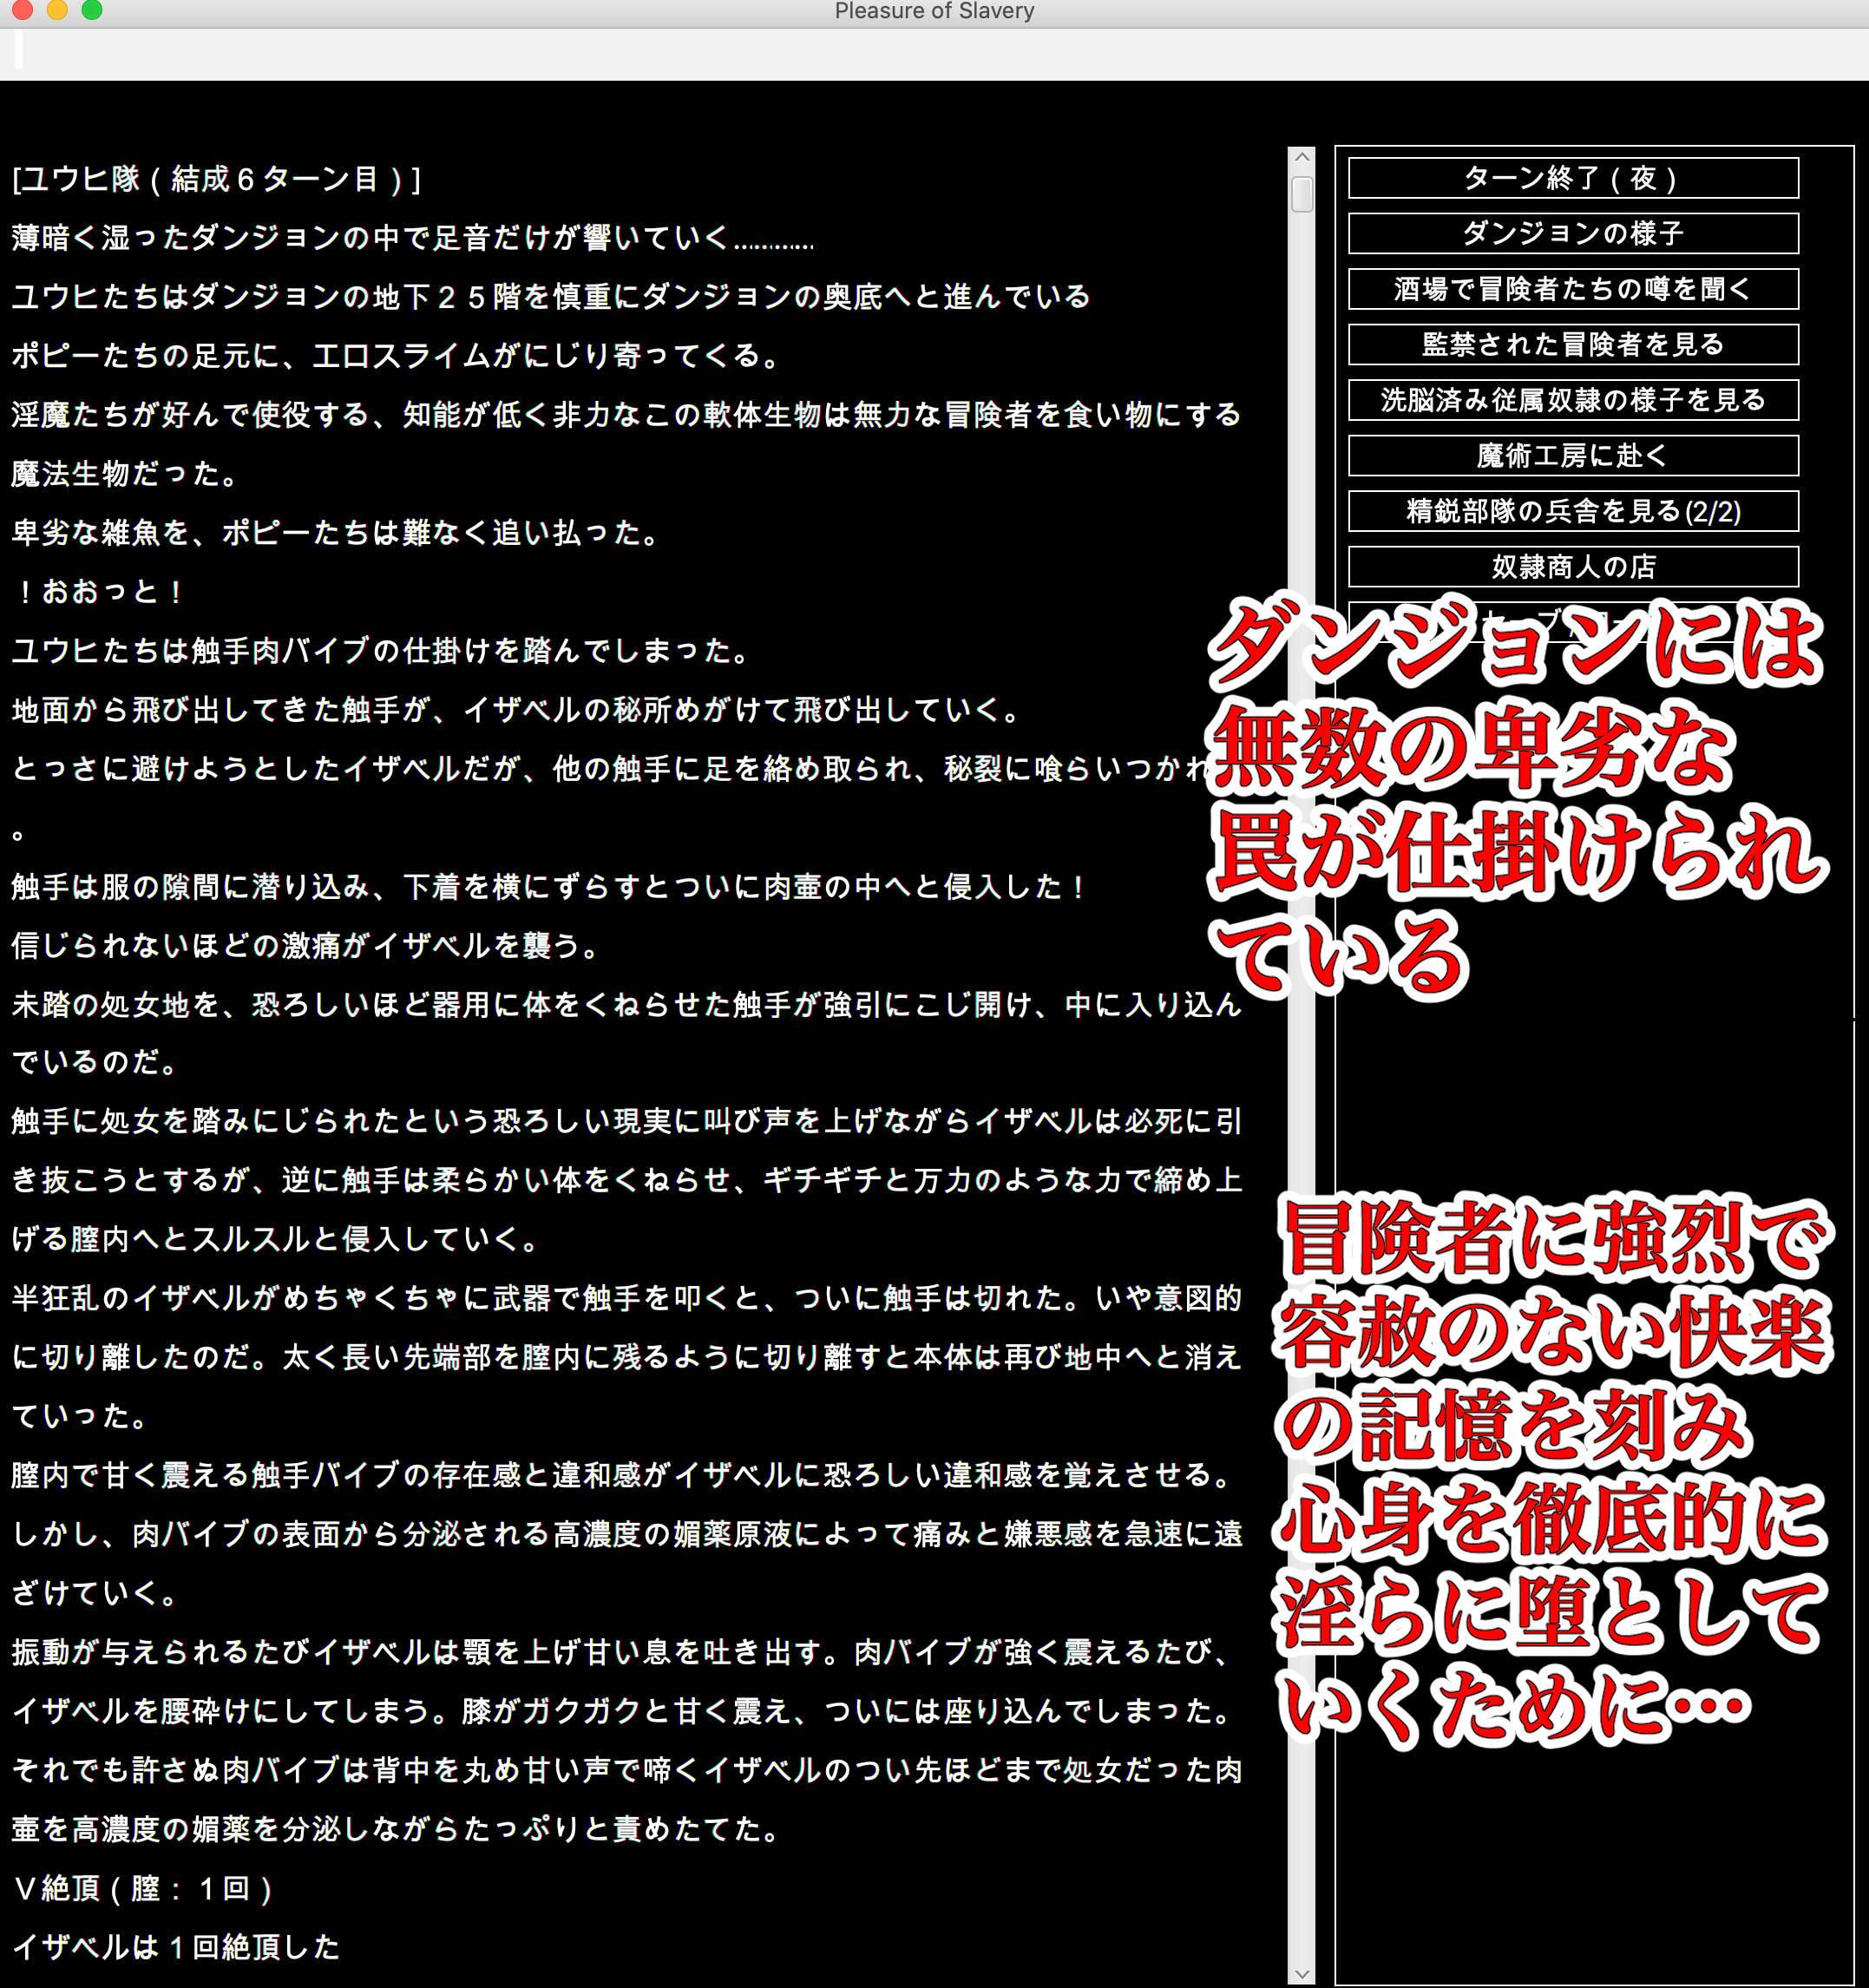 陵辱異種姦ダンジョン〜敗北した女冒険者は魔物の孕み袋〜 [幻灯摩天楼]